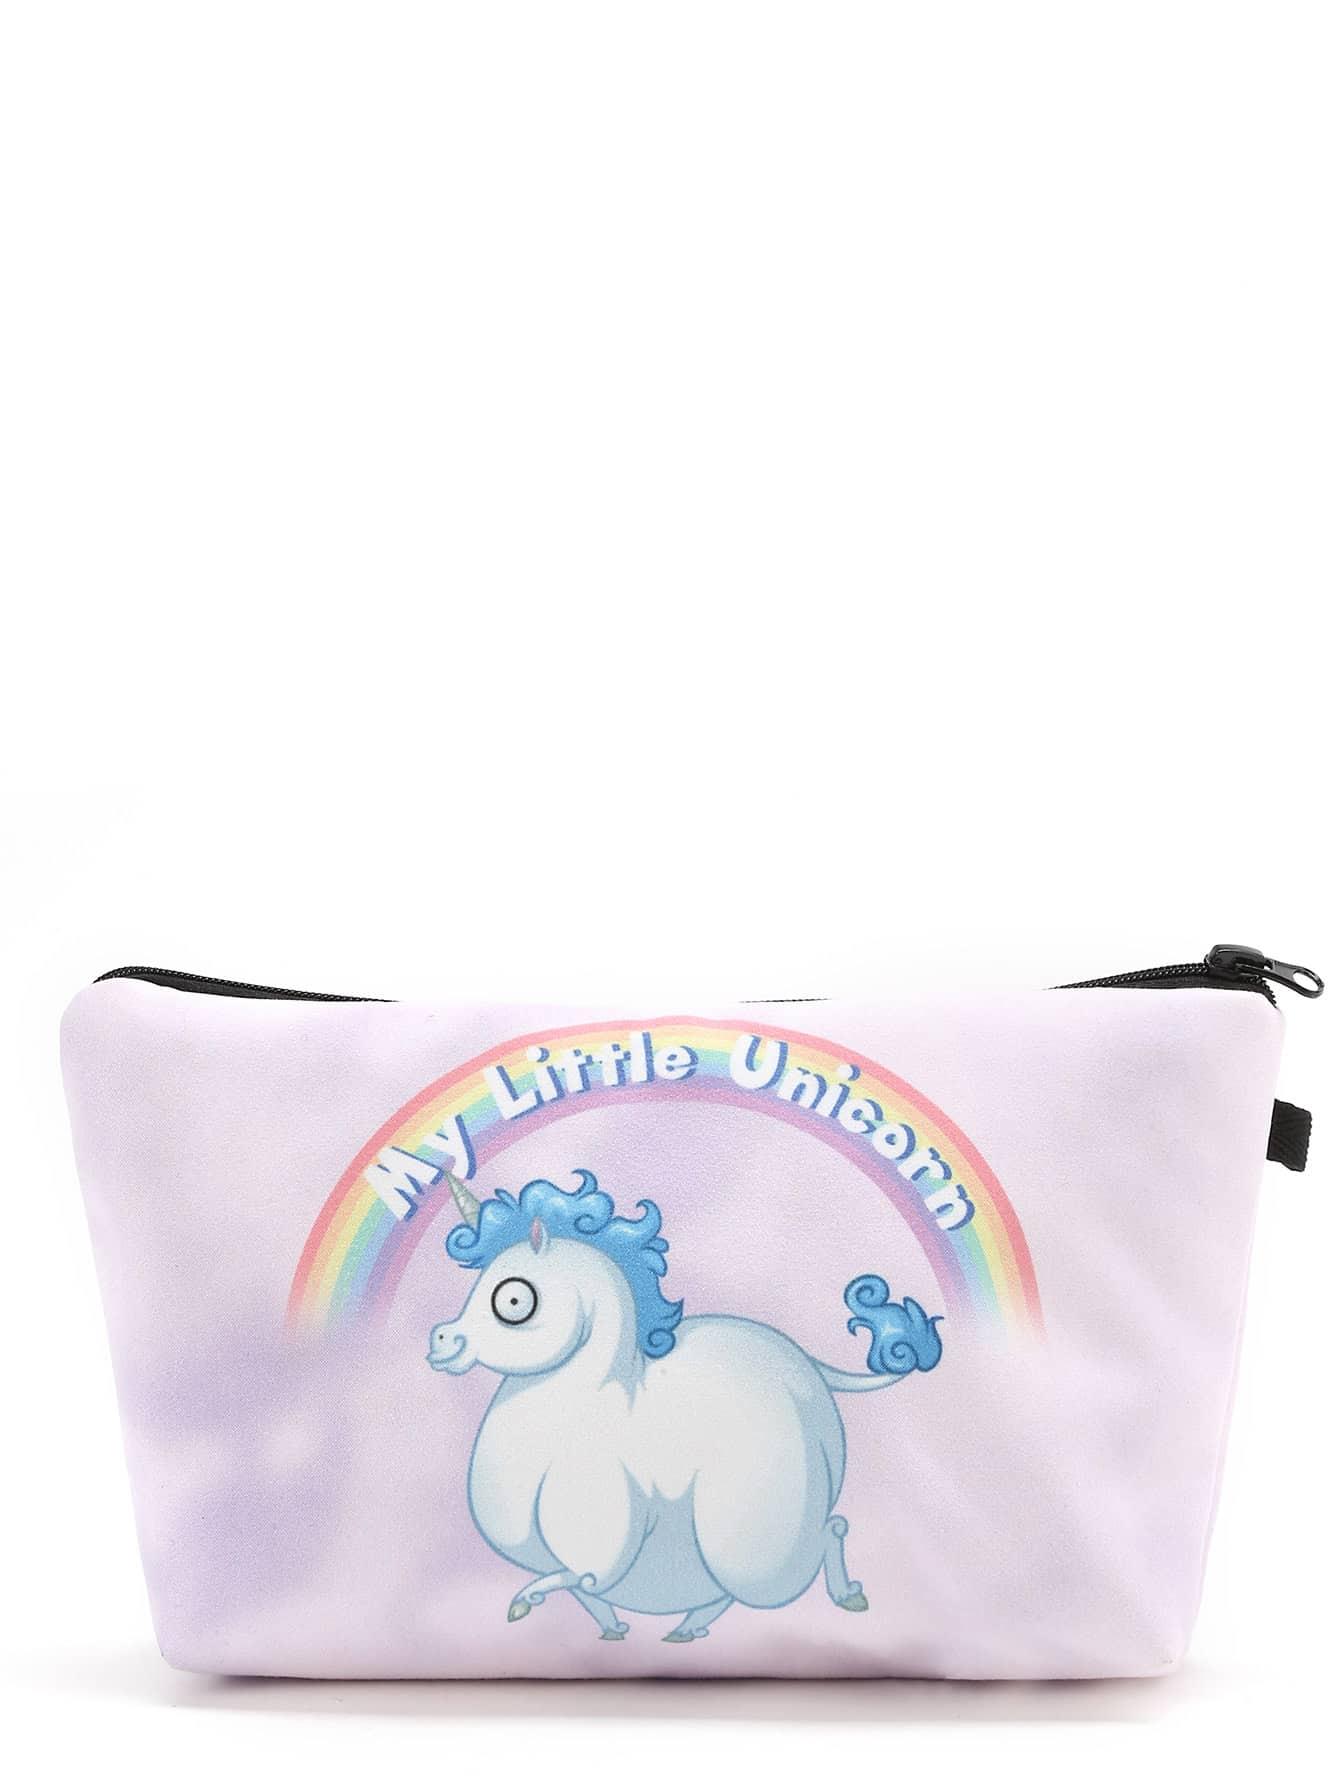 Animal Print Cute Makeup Bag